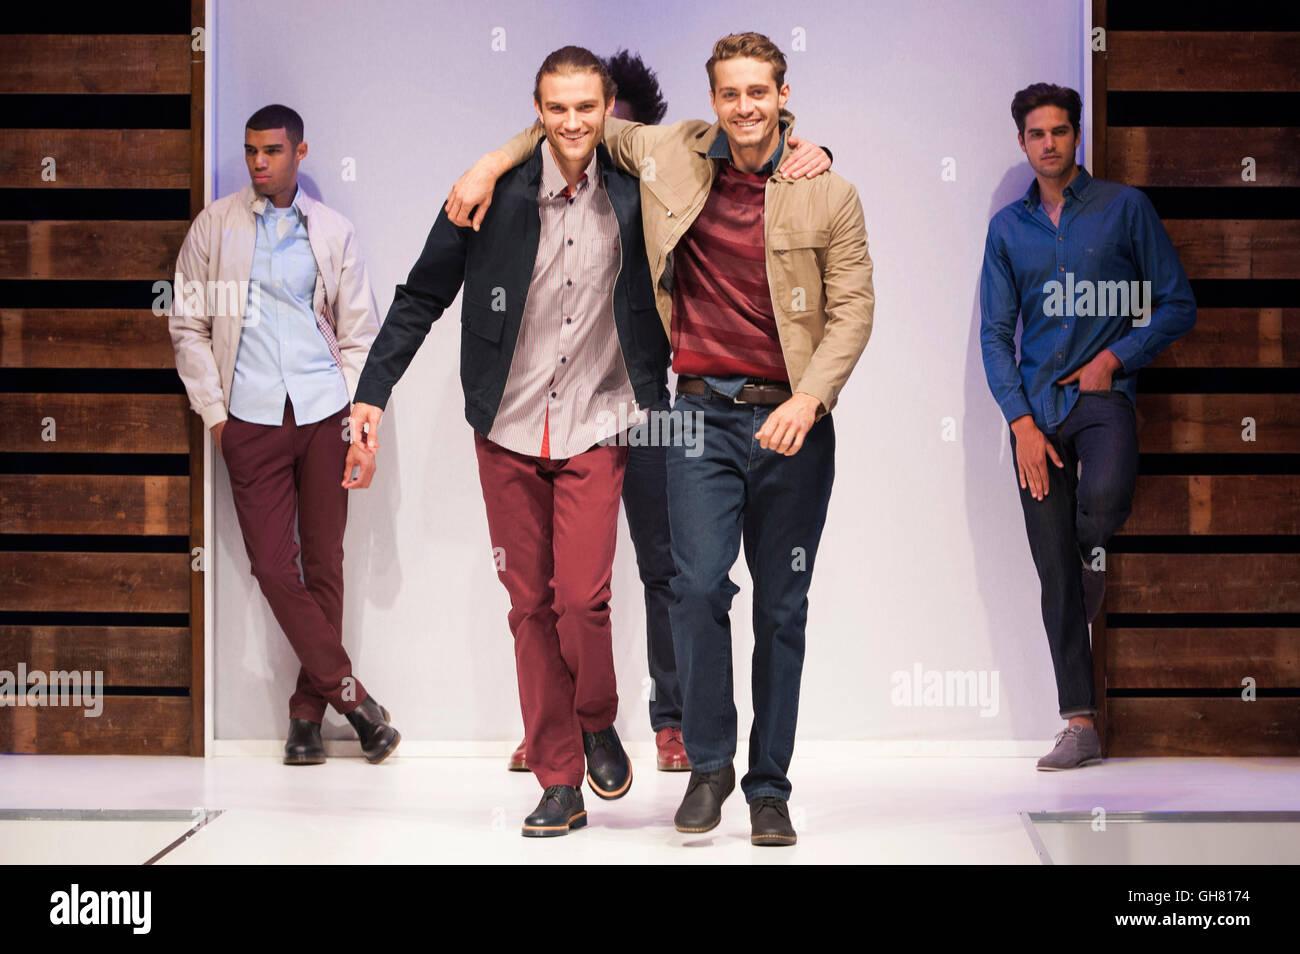 Modelli sul menswear passerella per sfilate di moda primavera estate 2017, NEC di Birmingham, UK. Credito: Antony Immagini Stock